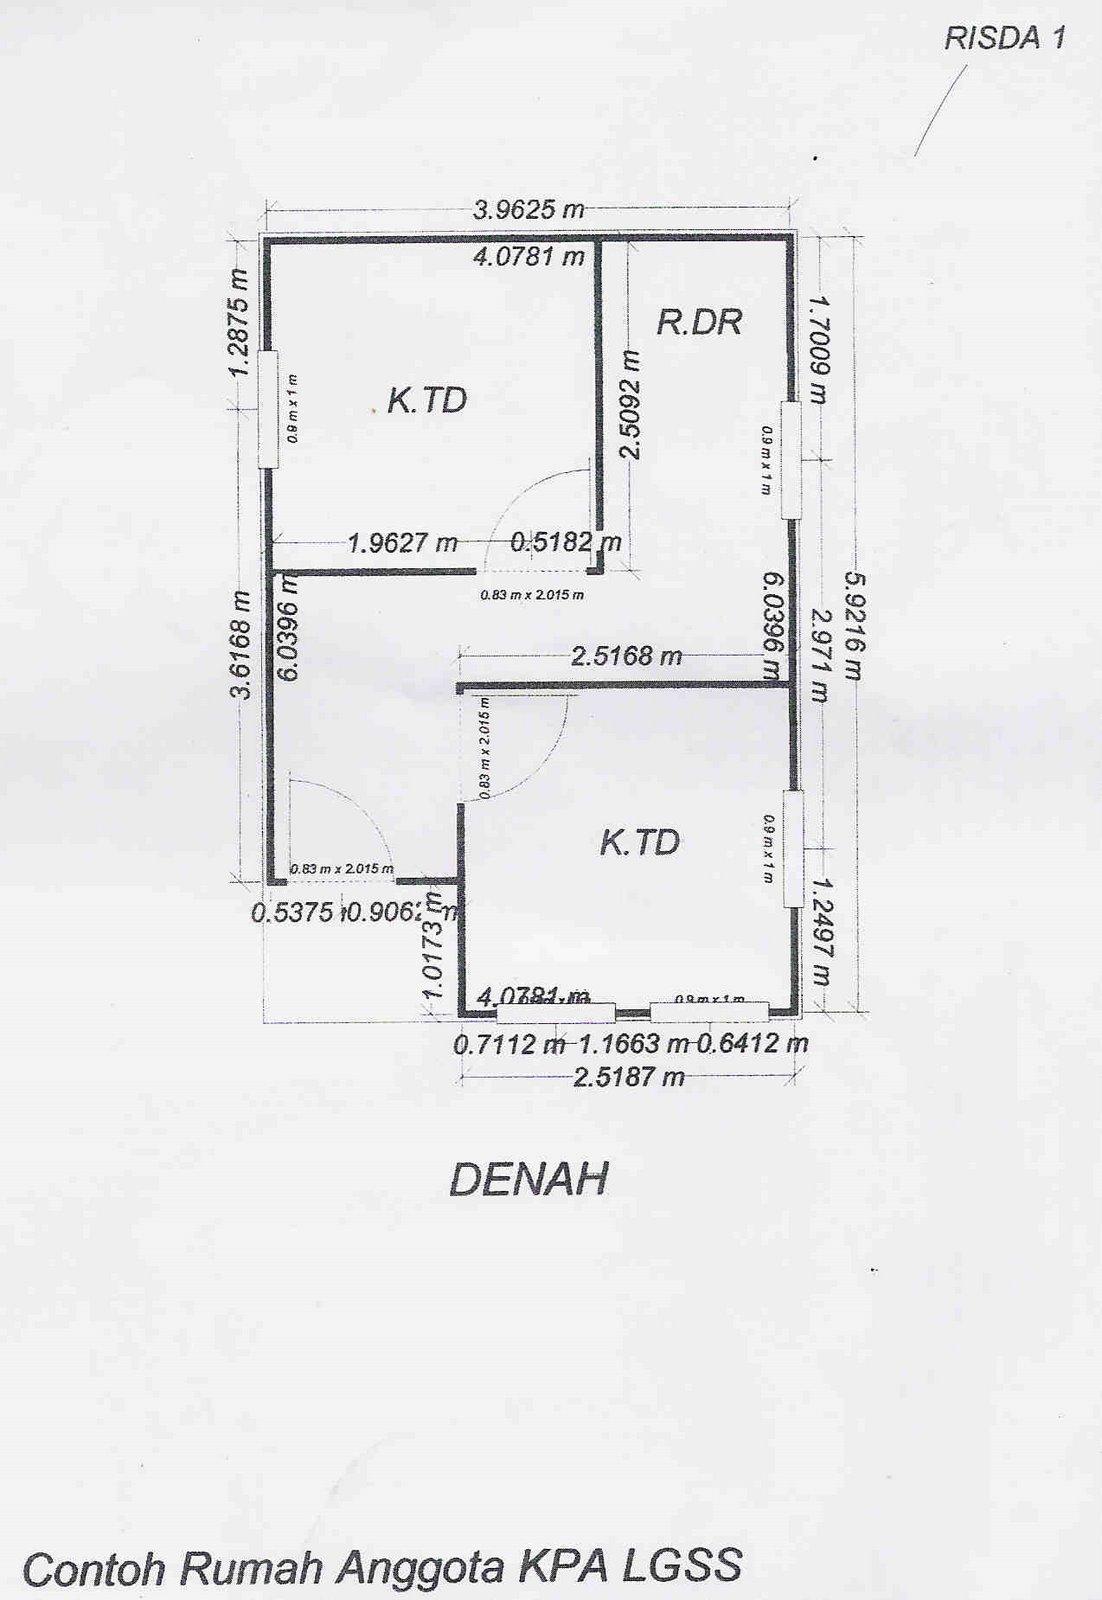 Denah Contoh Rumah Anggota KPA LGSS